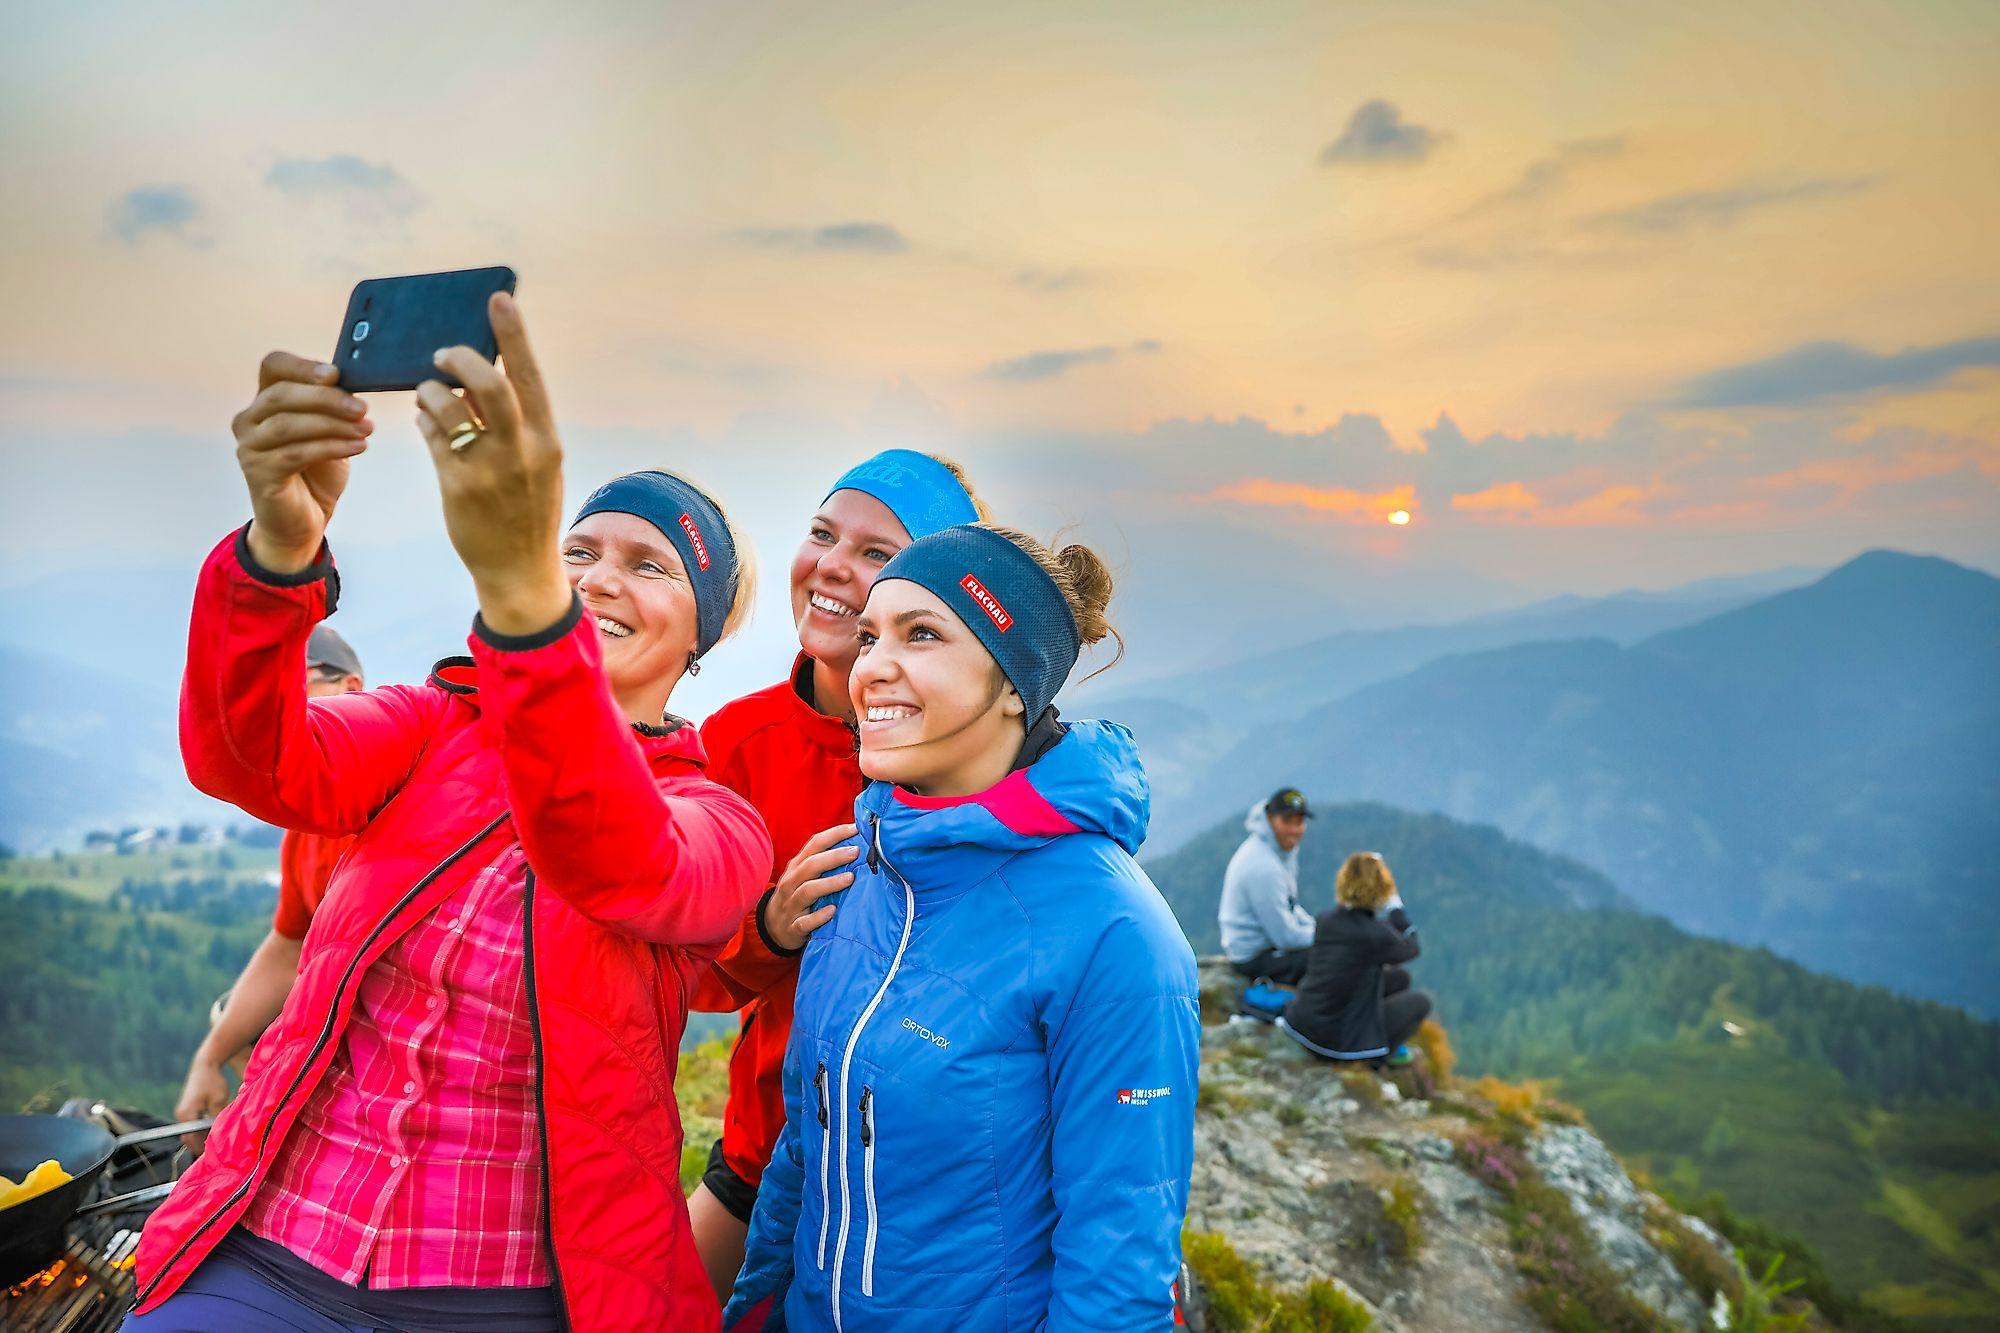 <p>Selfie bei der Sonnenaufganswanderung in Flachau. Diese coole Morgenstimmung in den Bergen muss man einfach festhalten</p>